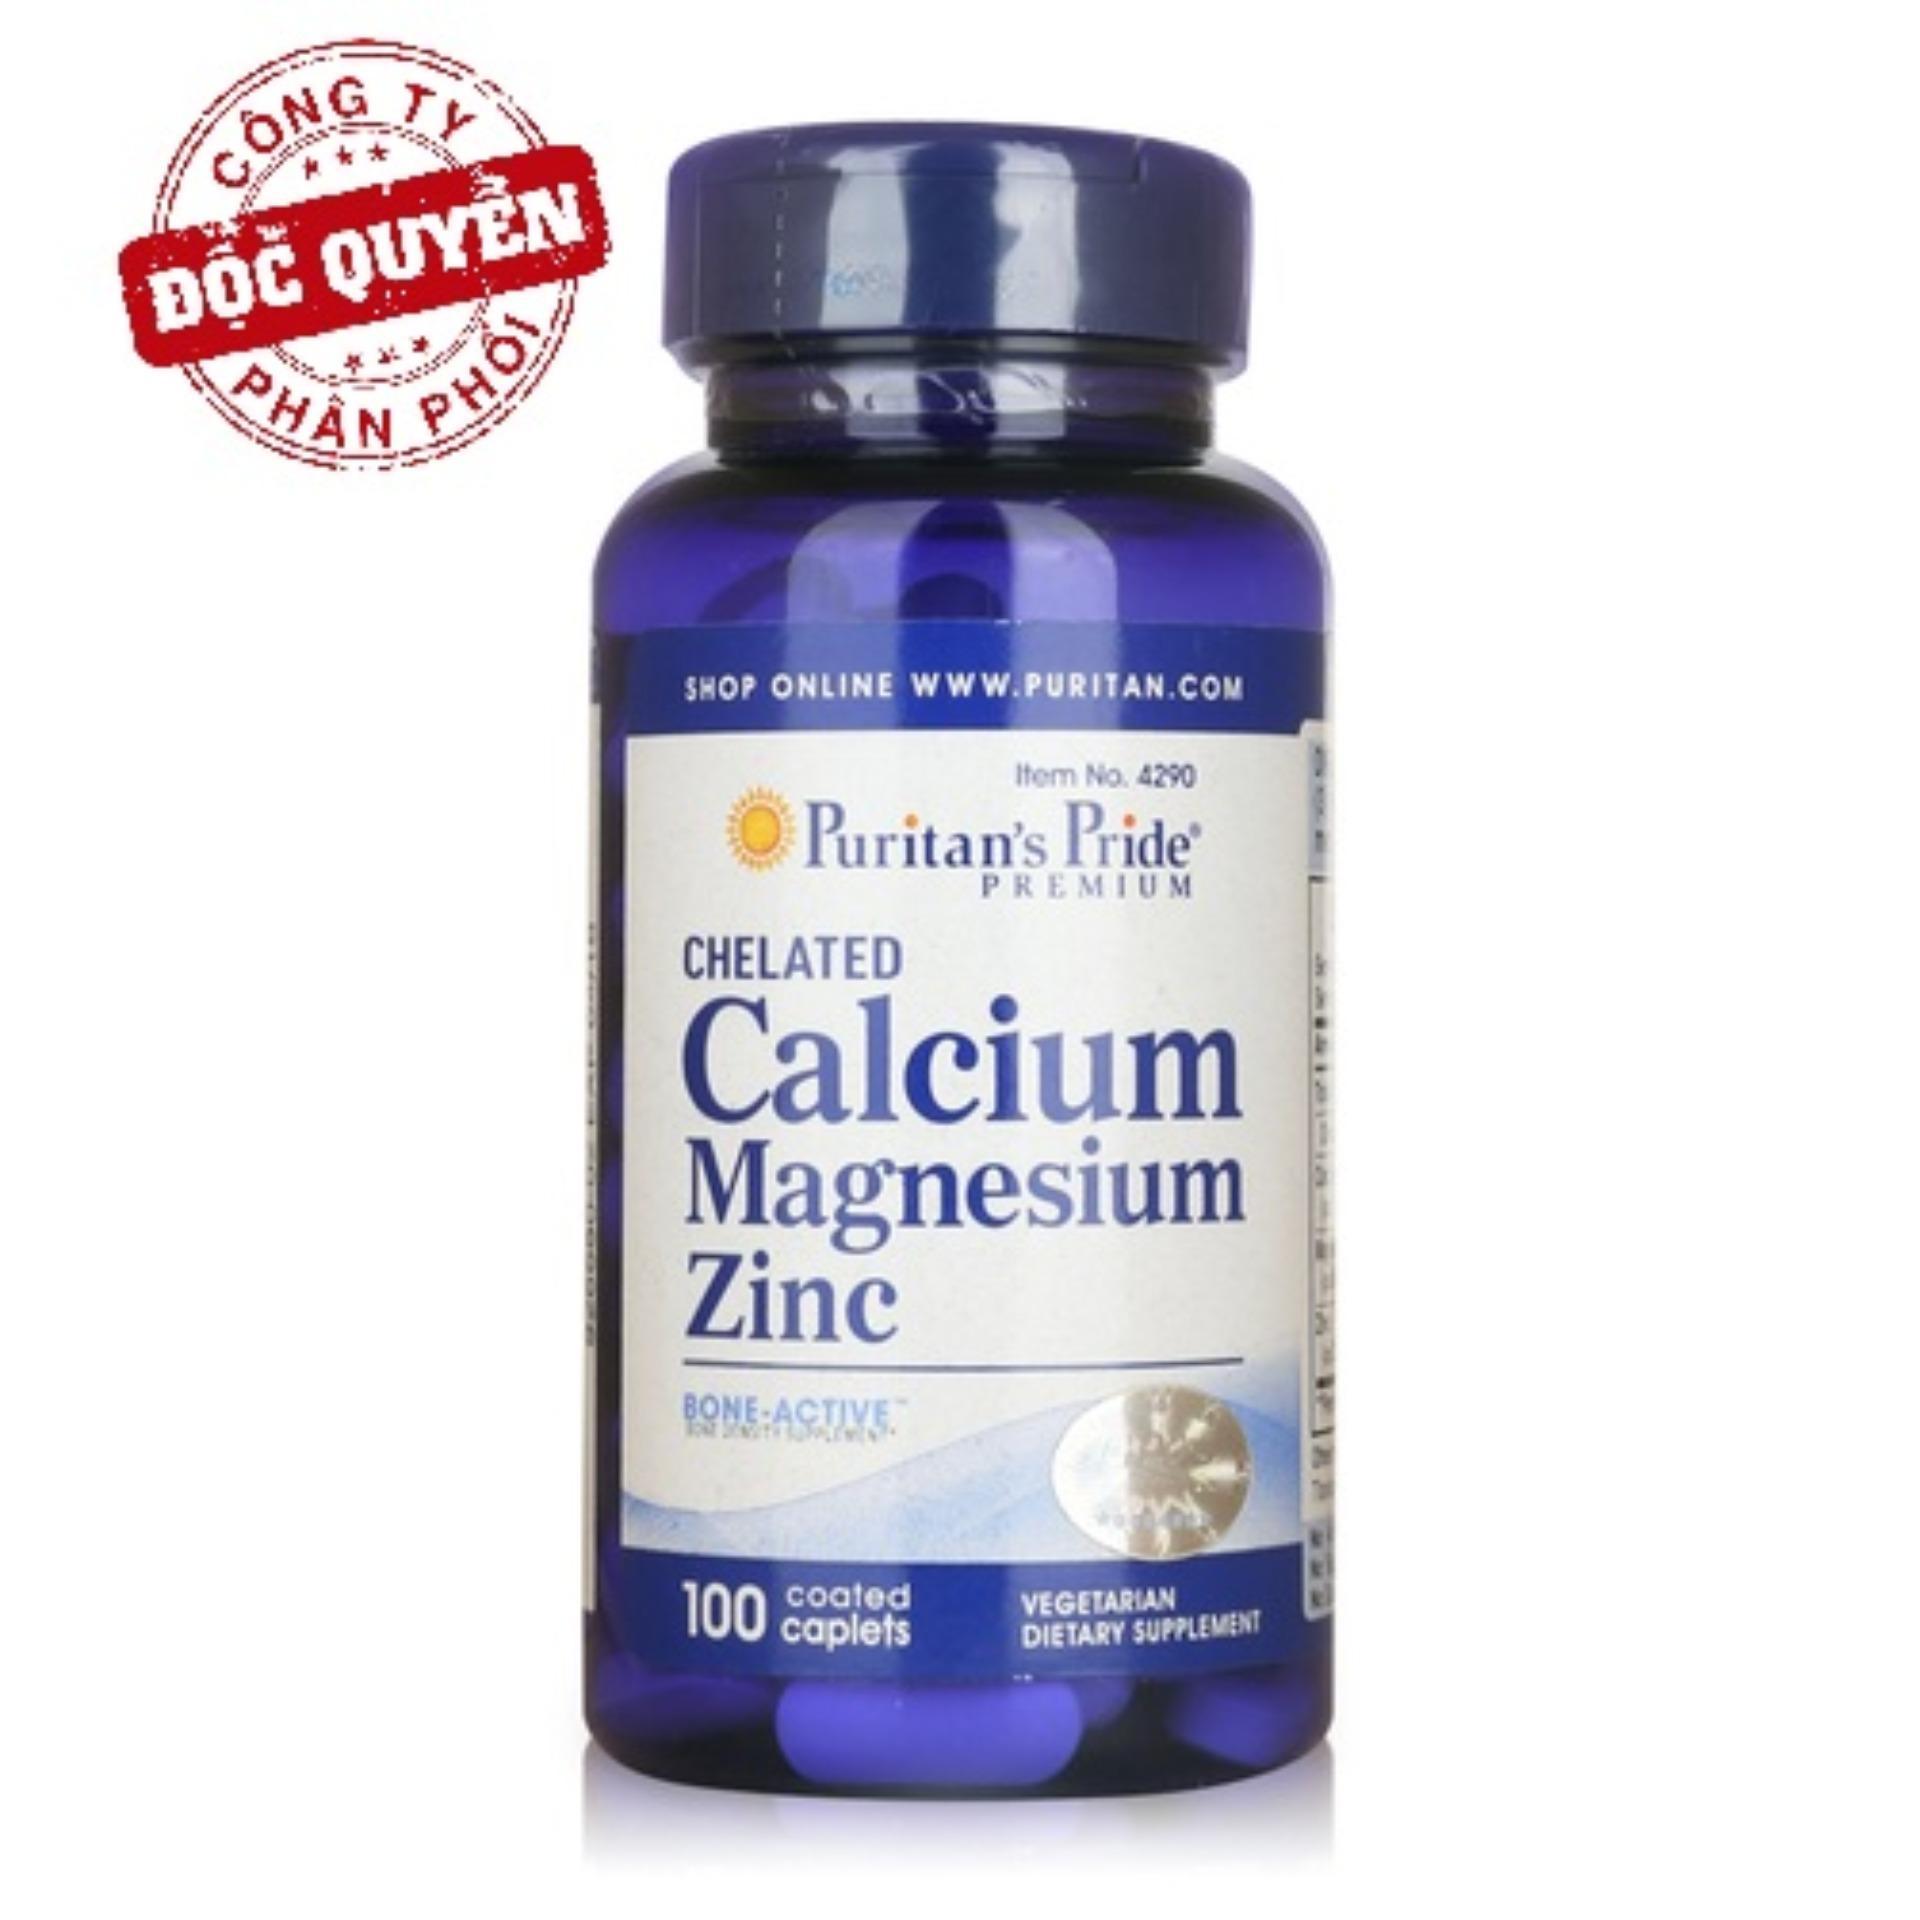 Viên Uống Cải Thiện Chiều Cao, Hỗ Trợ Xương Puritan's Pride Chelated Calcium, Magnesium & Zinc 100 Viên HSD Tháng 3/2020 Giá Siêu Rẻ